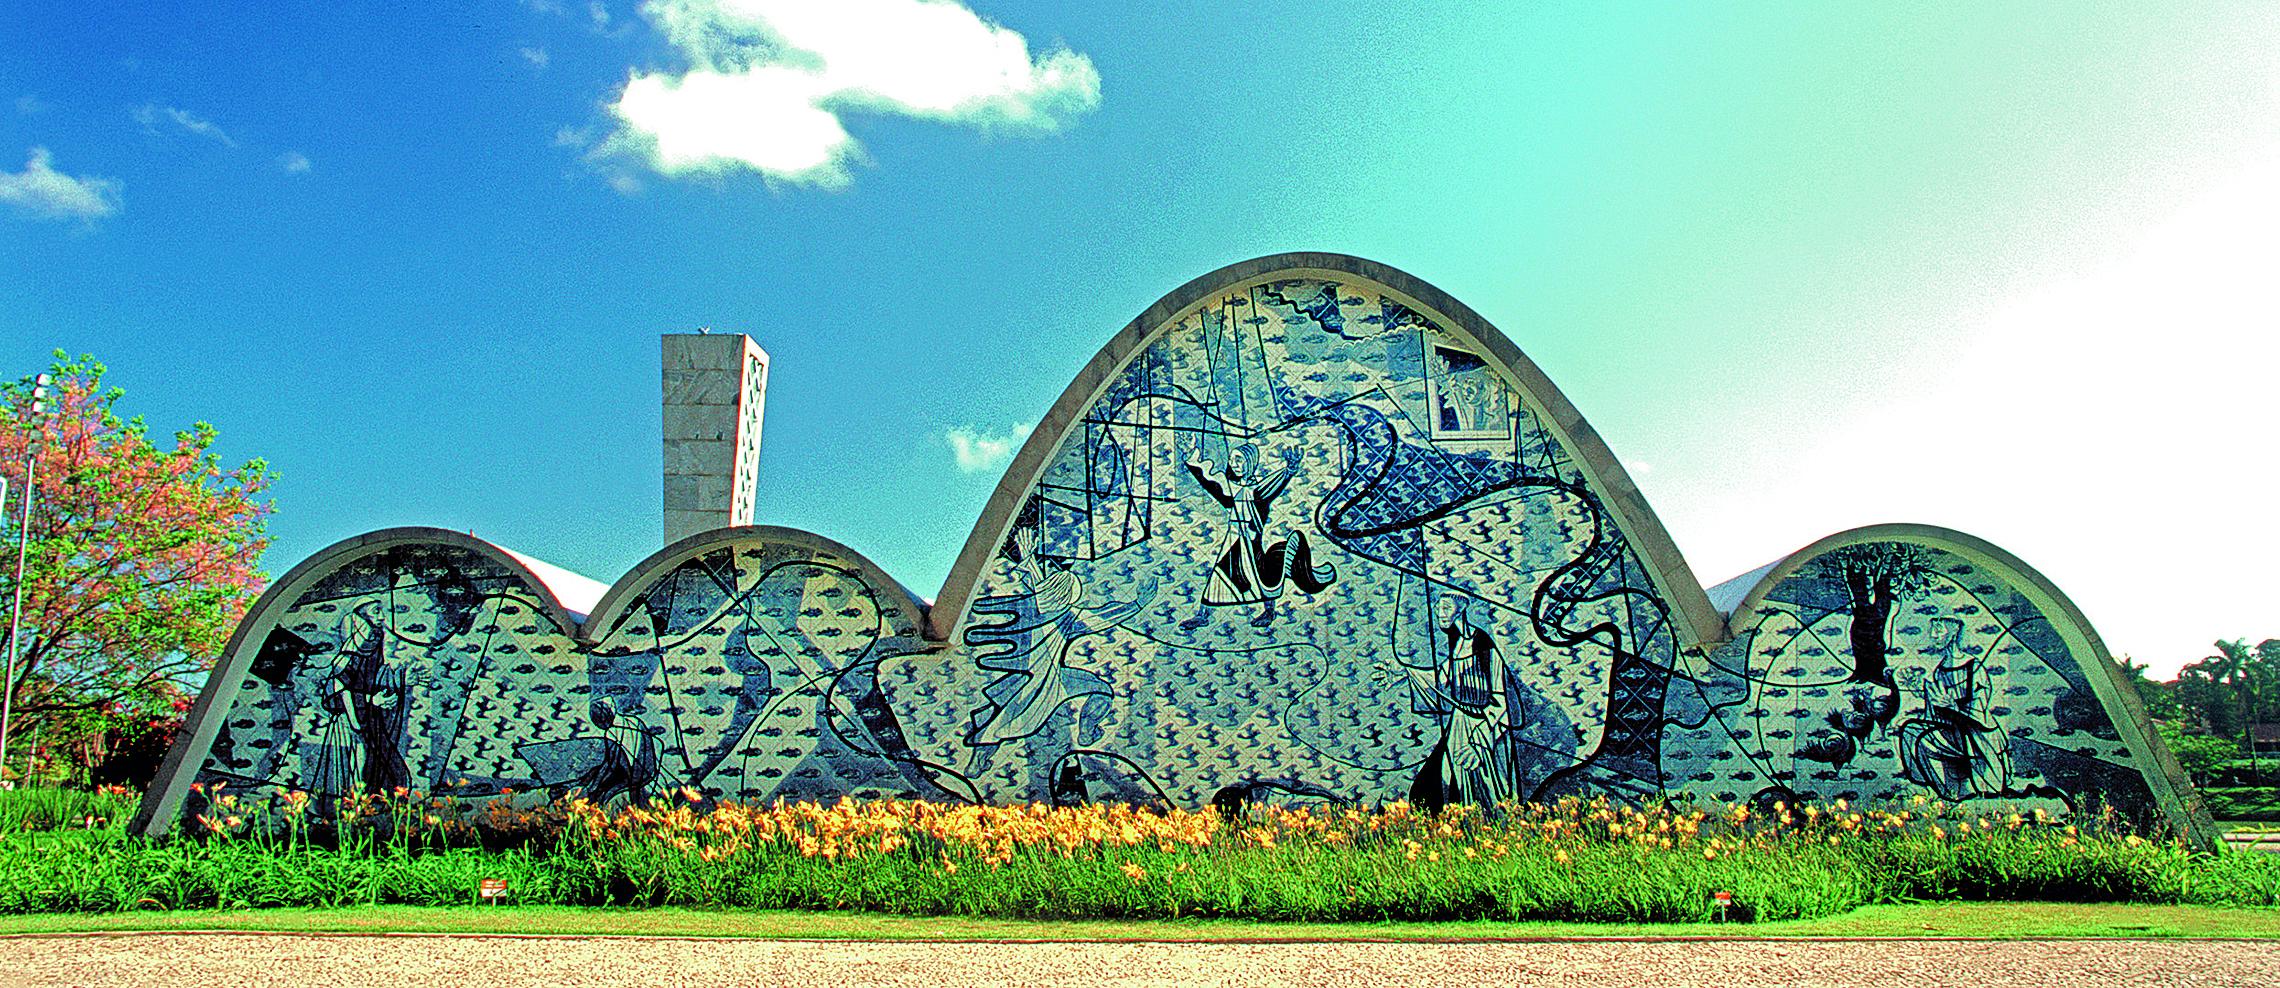 Painel de Portinari para a Igreja de São Francisco de Assis, na Pampulha, em Belo Horizonte, em que ele representa o santo e diversos animais. Fotos: Marcos Piffer/Divulgação